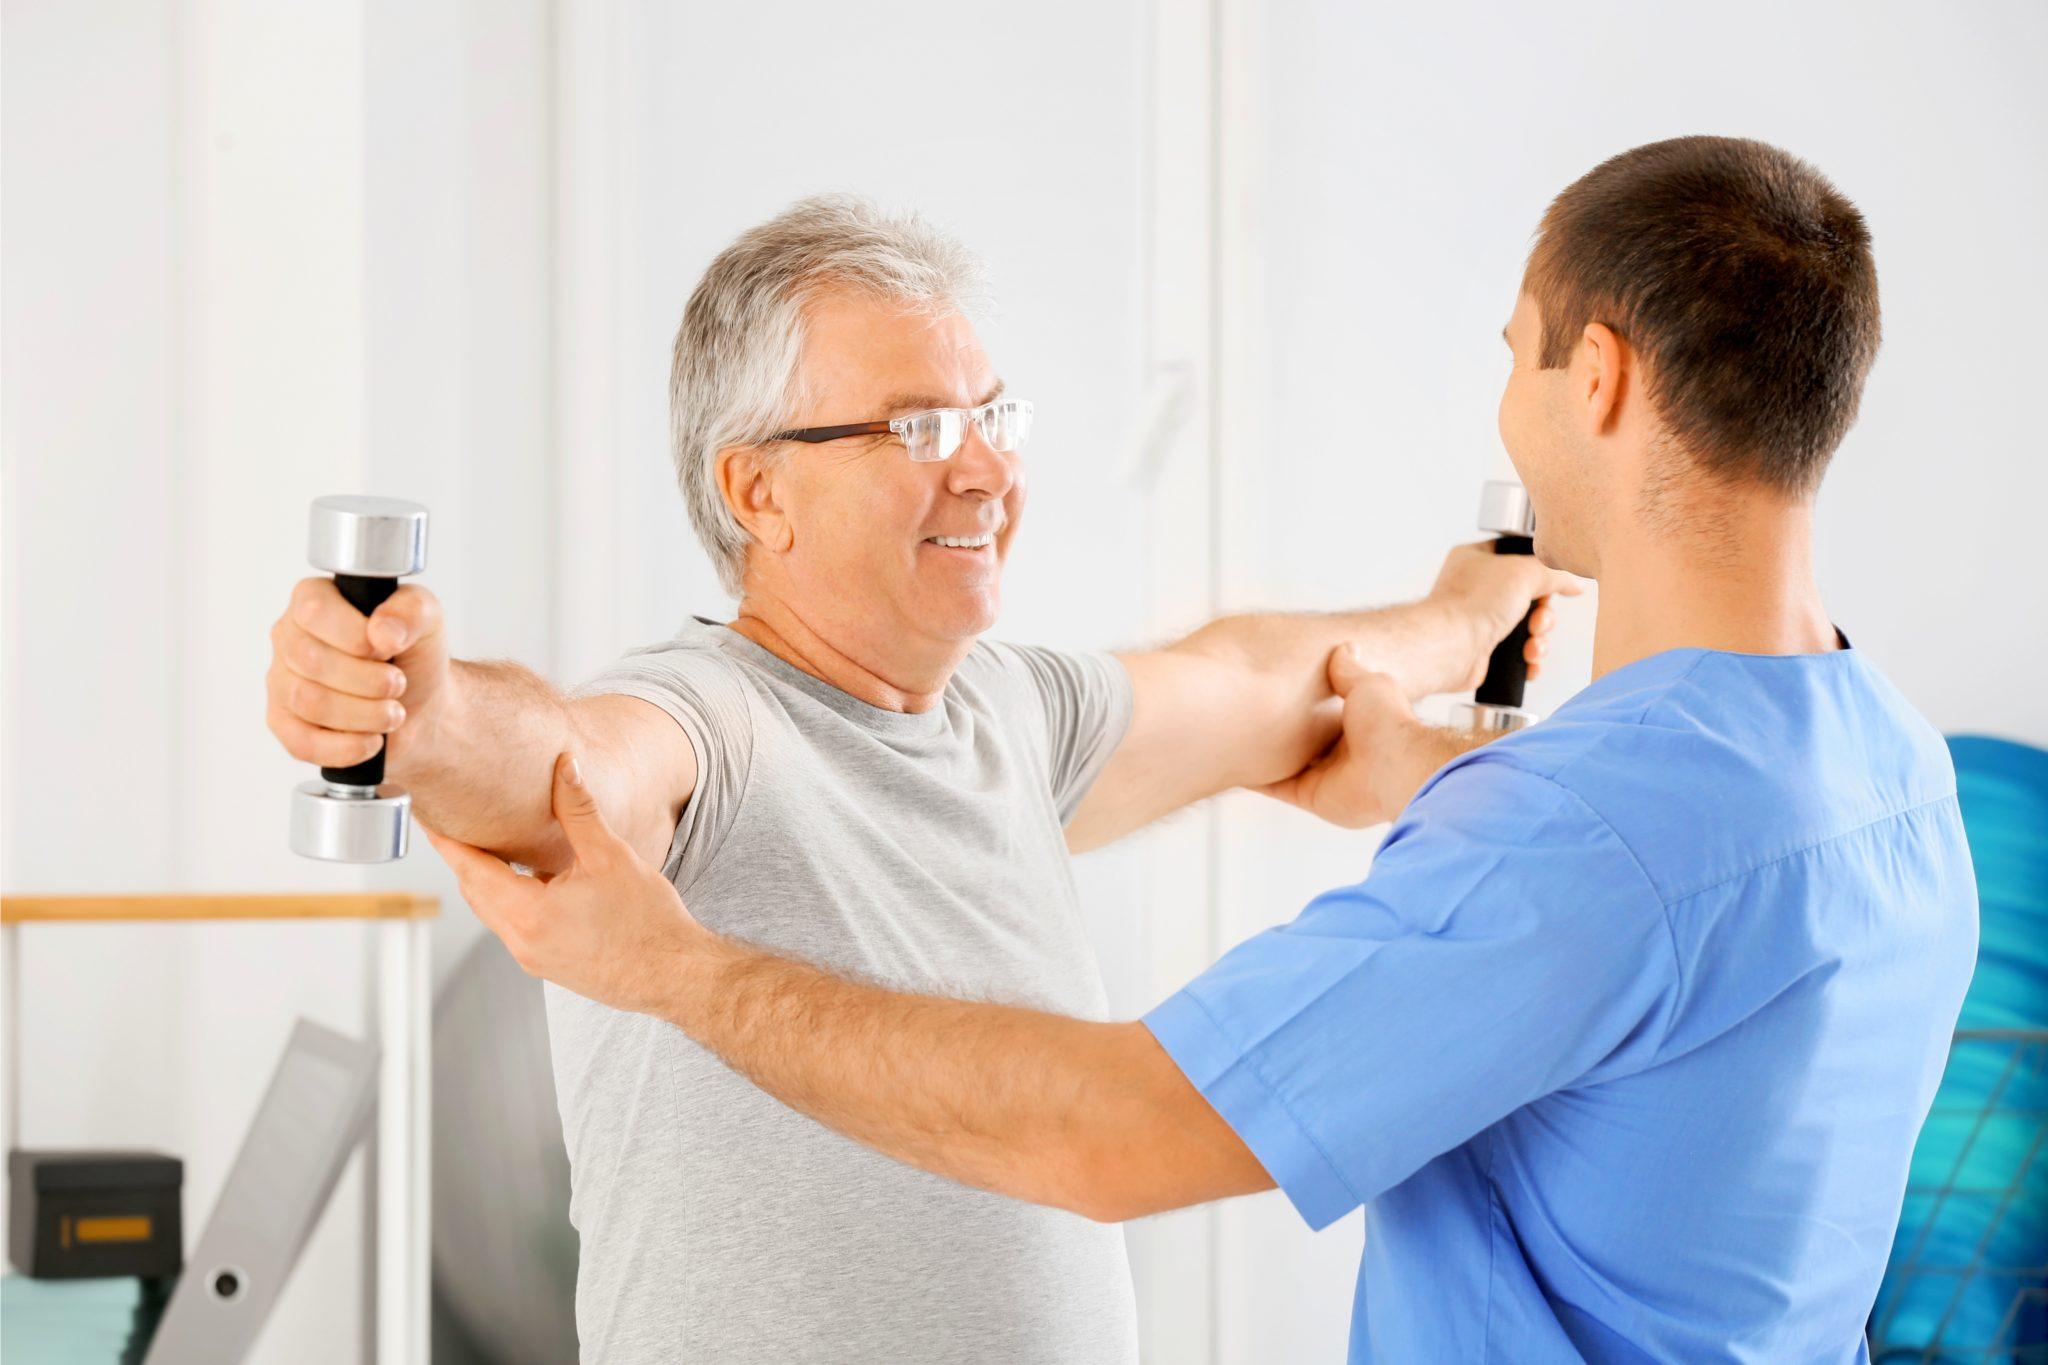 健康維持のために筋トレしているおじいちゃん